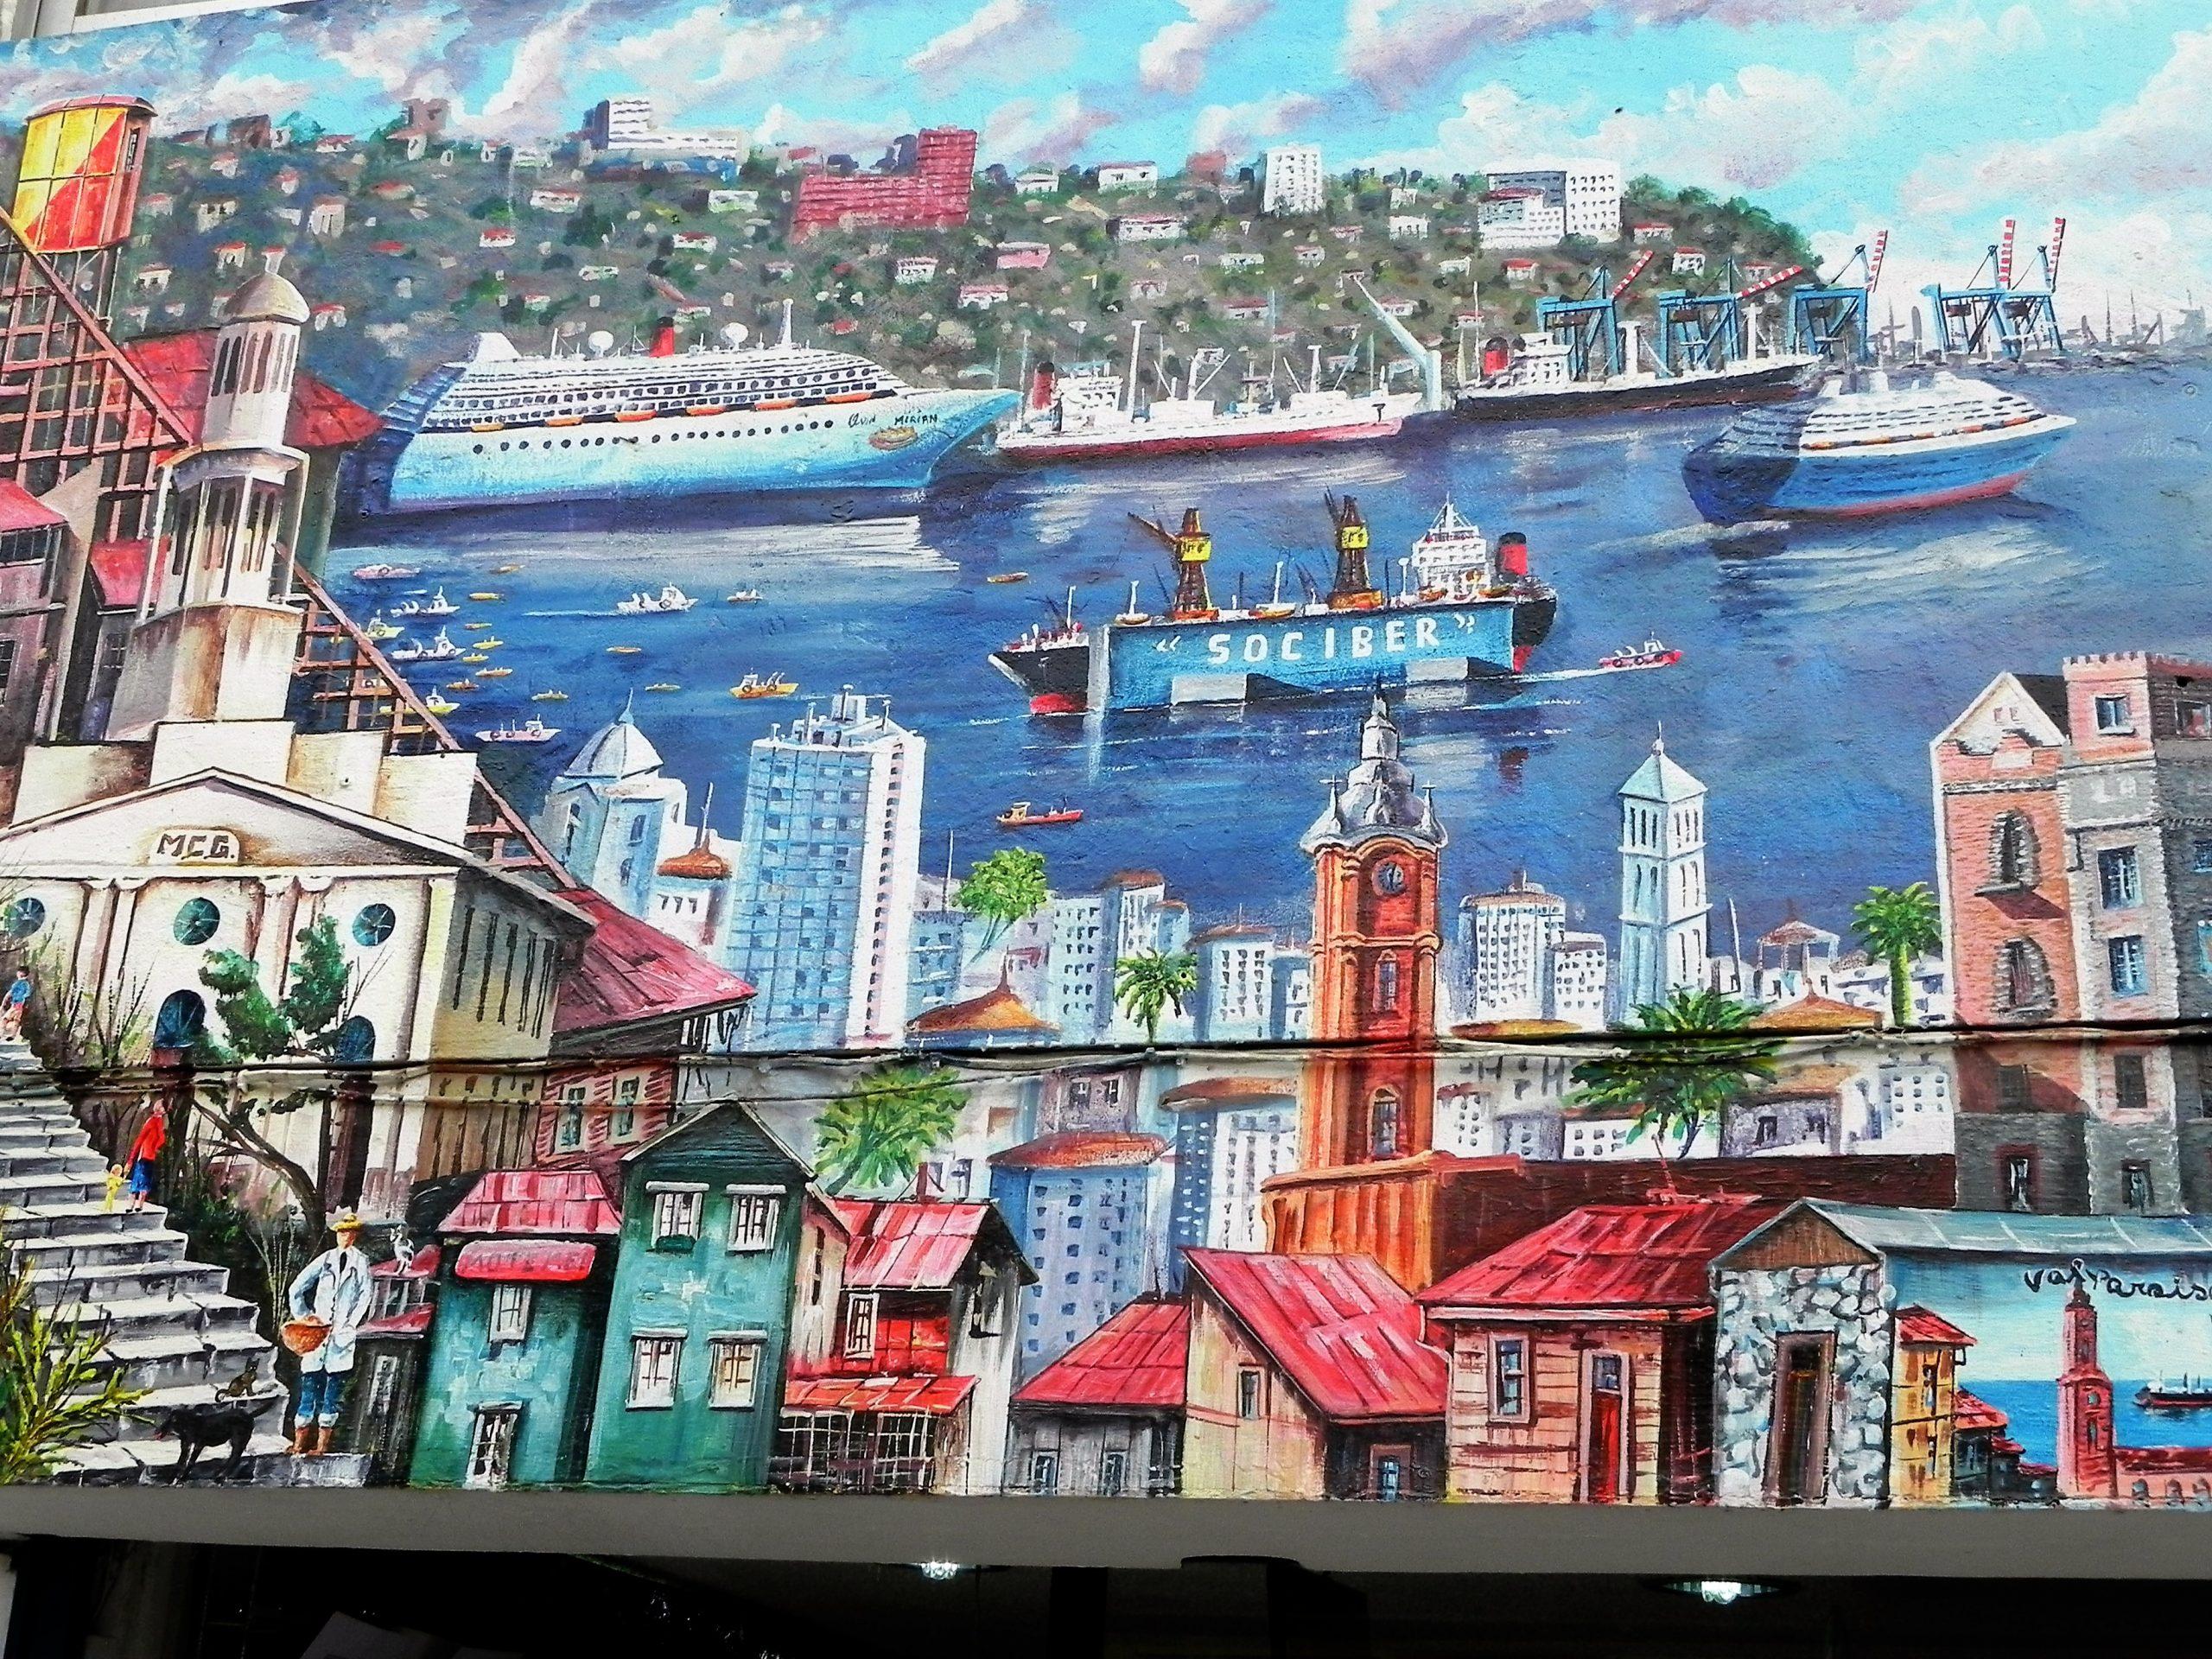 Celebrity Cruises hat im Winter2021/2022 neue Reiserouten und Anlaufhäfen in Karibik, Europa und Südamerika, wo Valparaiso Heimathafen wird.